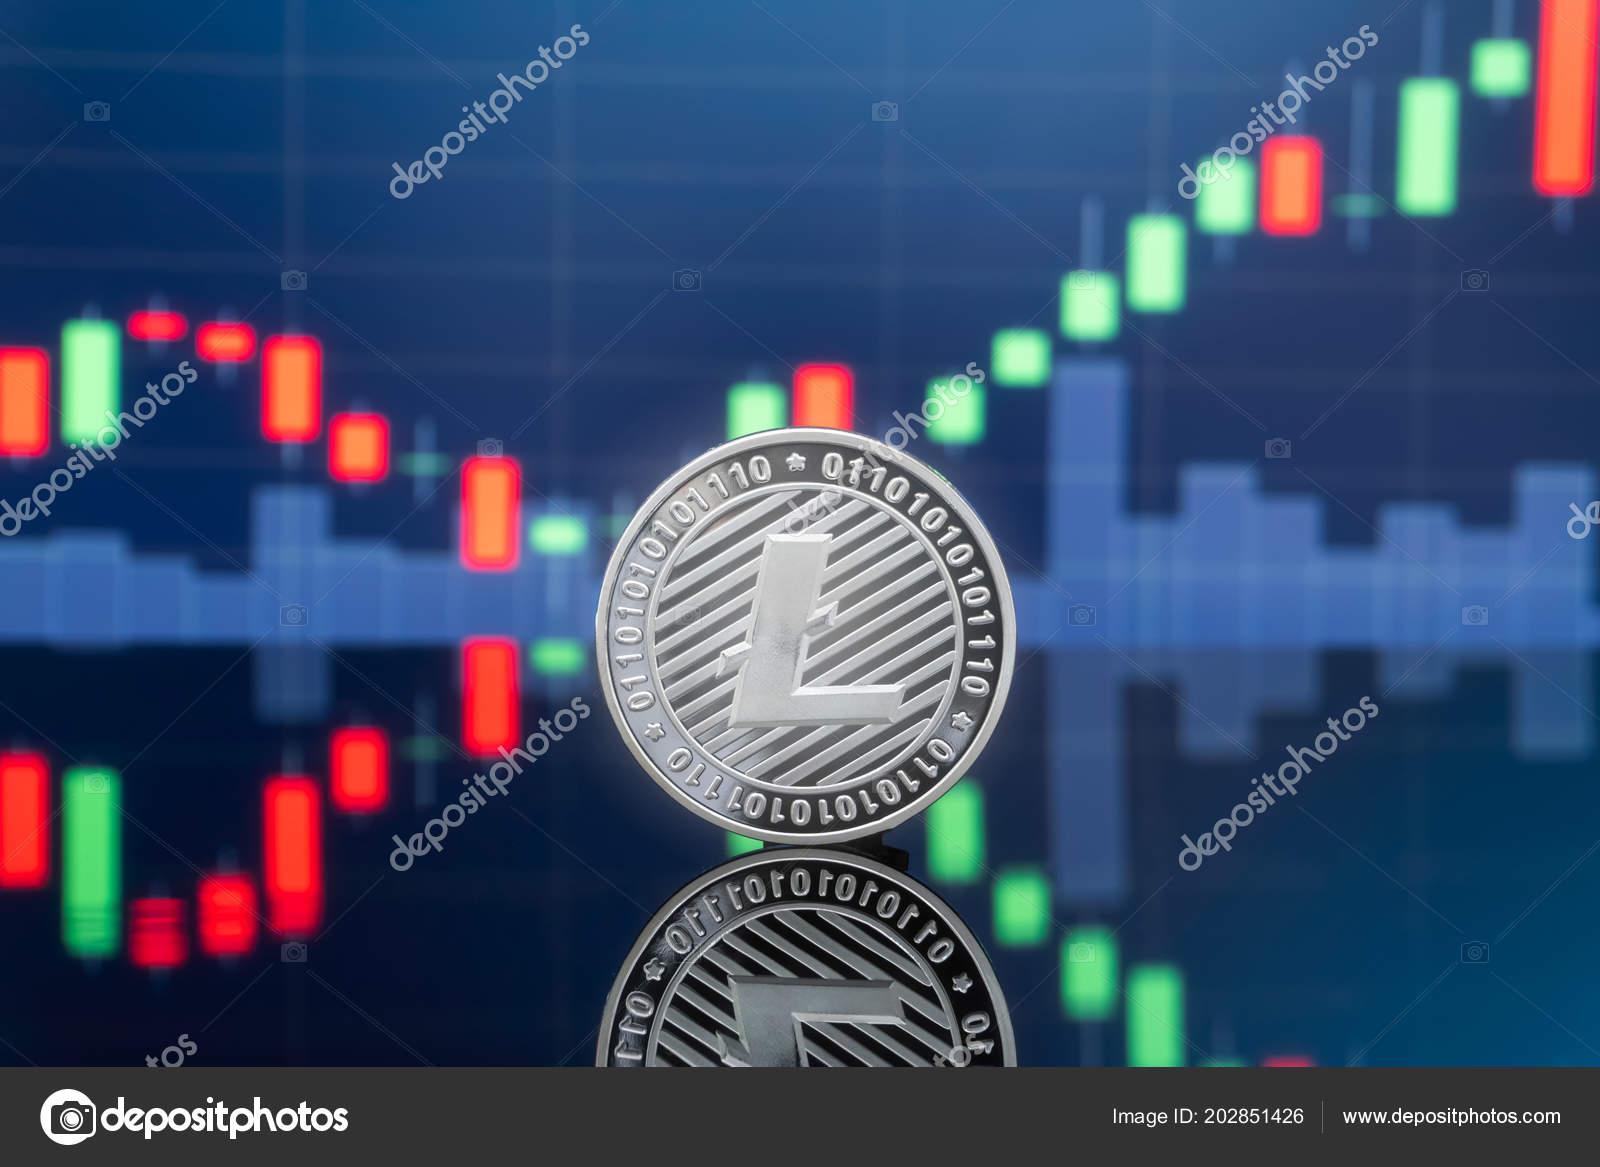 ltc cryptocurrency stock price